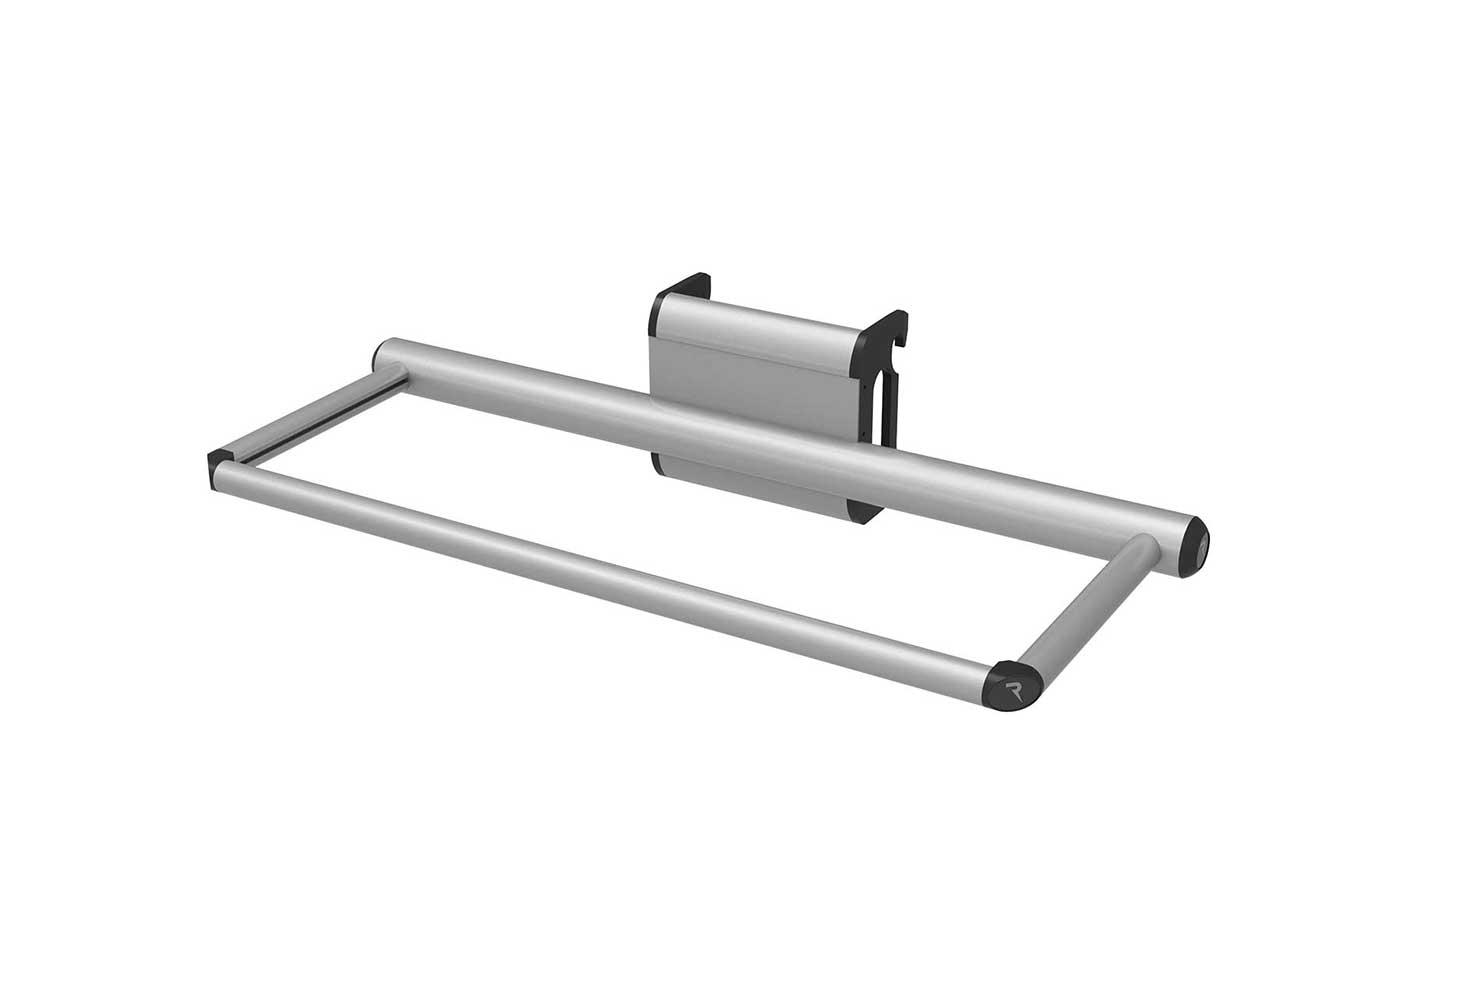 Reax Storage Shelf 5 - 145 RX1517